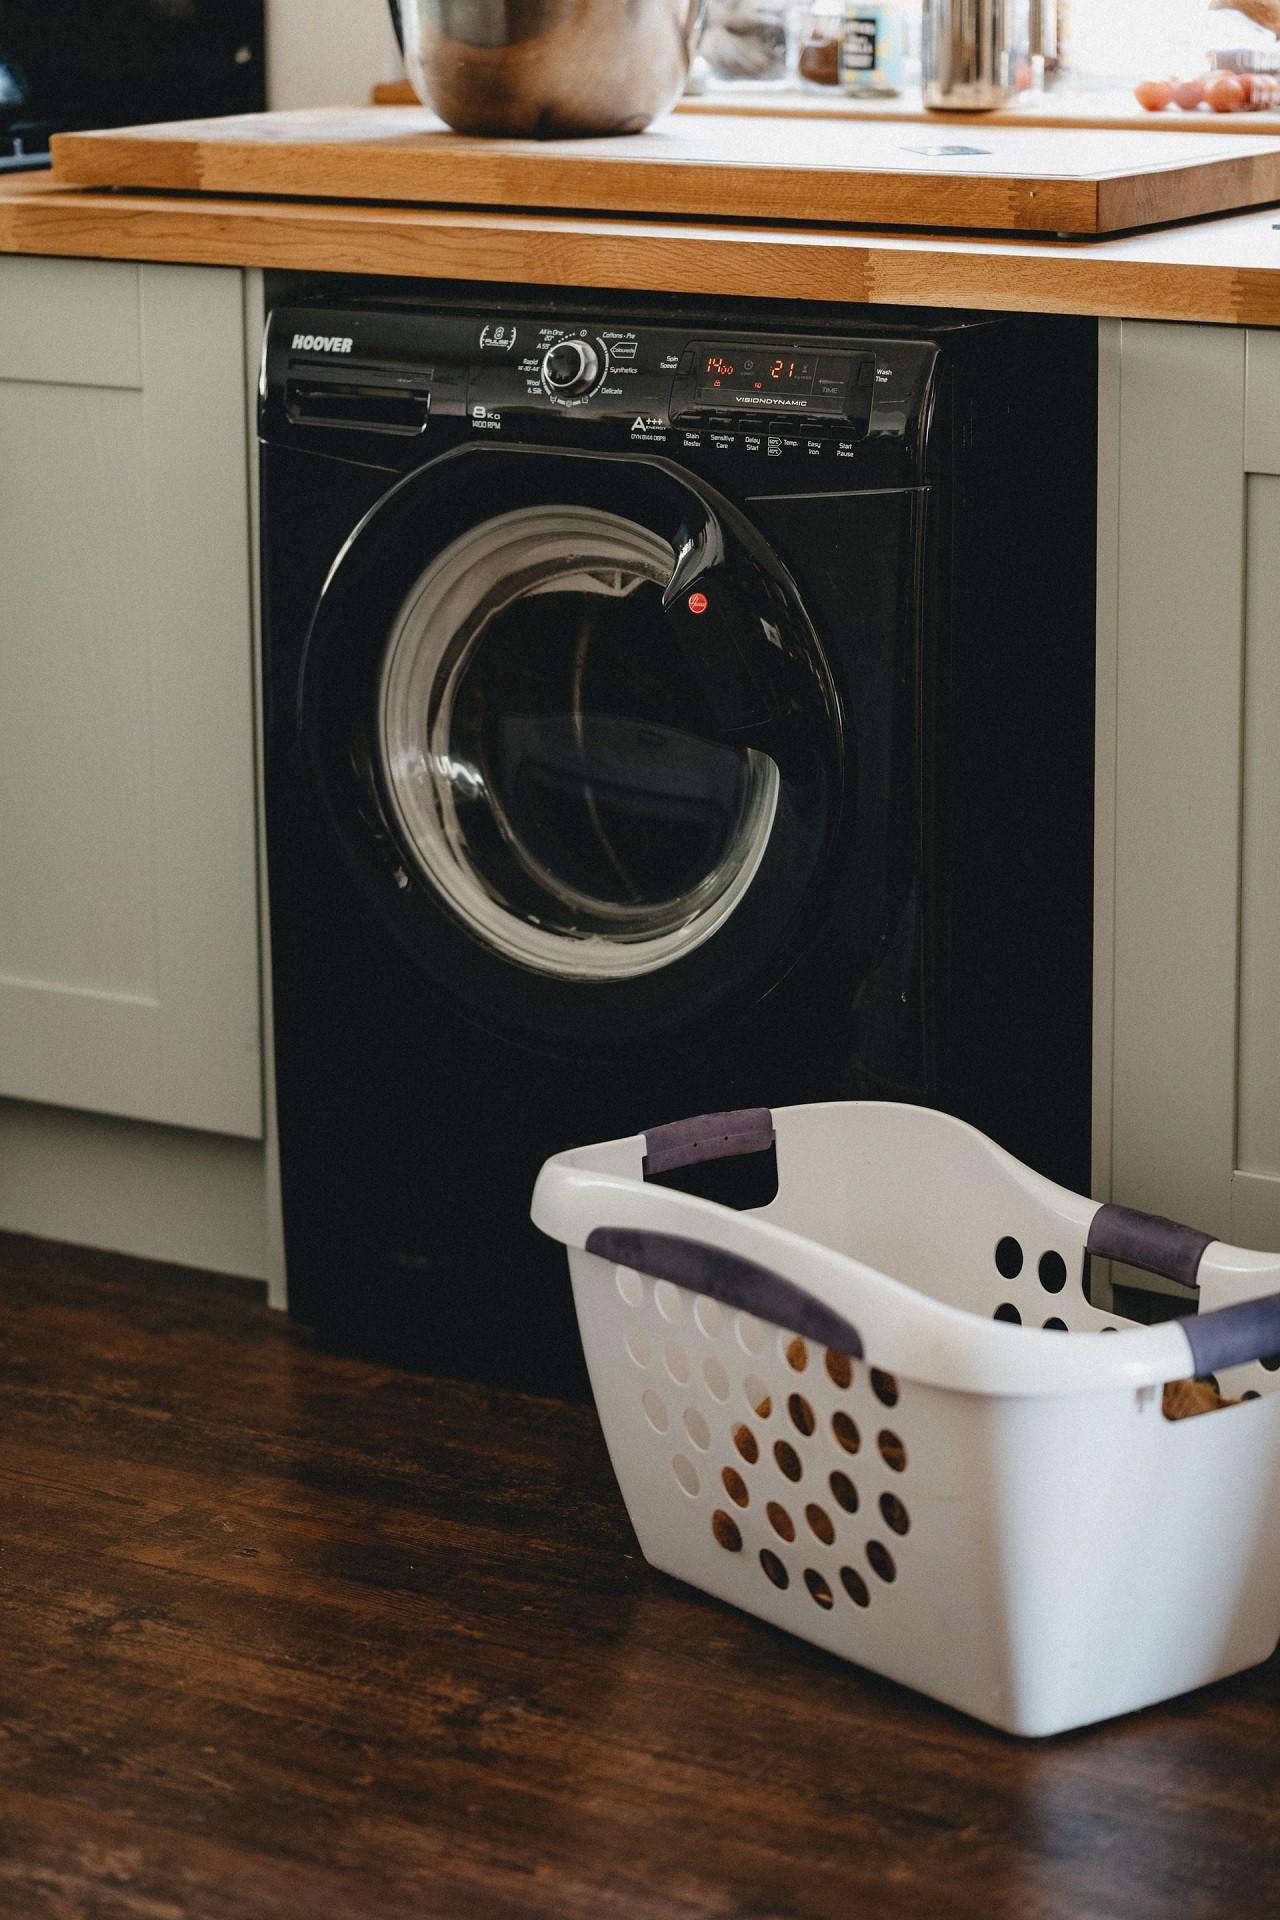 Kunststoff Wäschekörbe gibt es in vielen unterschiedlichen Formen und Farben.